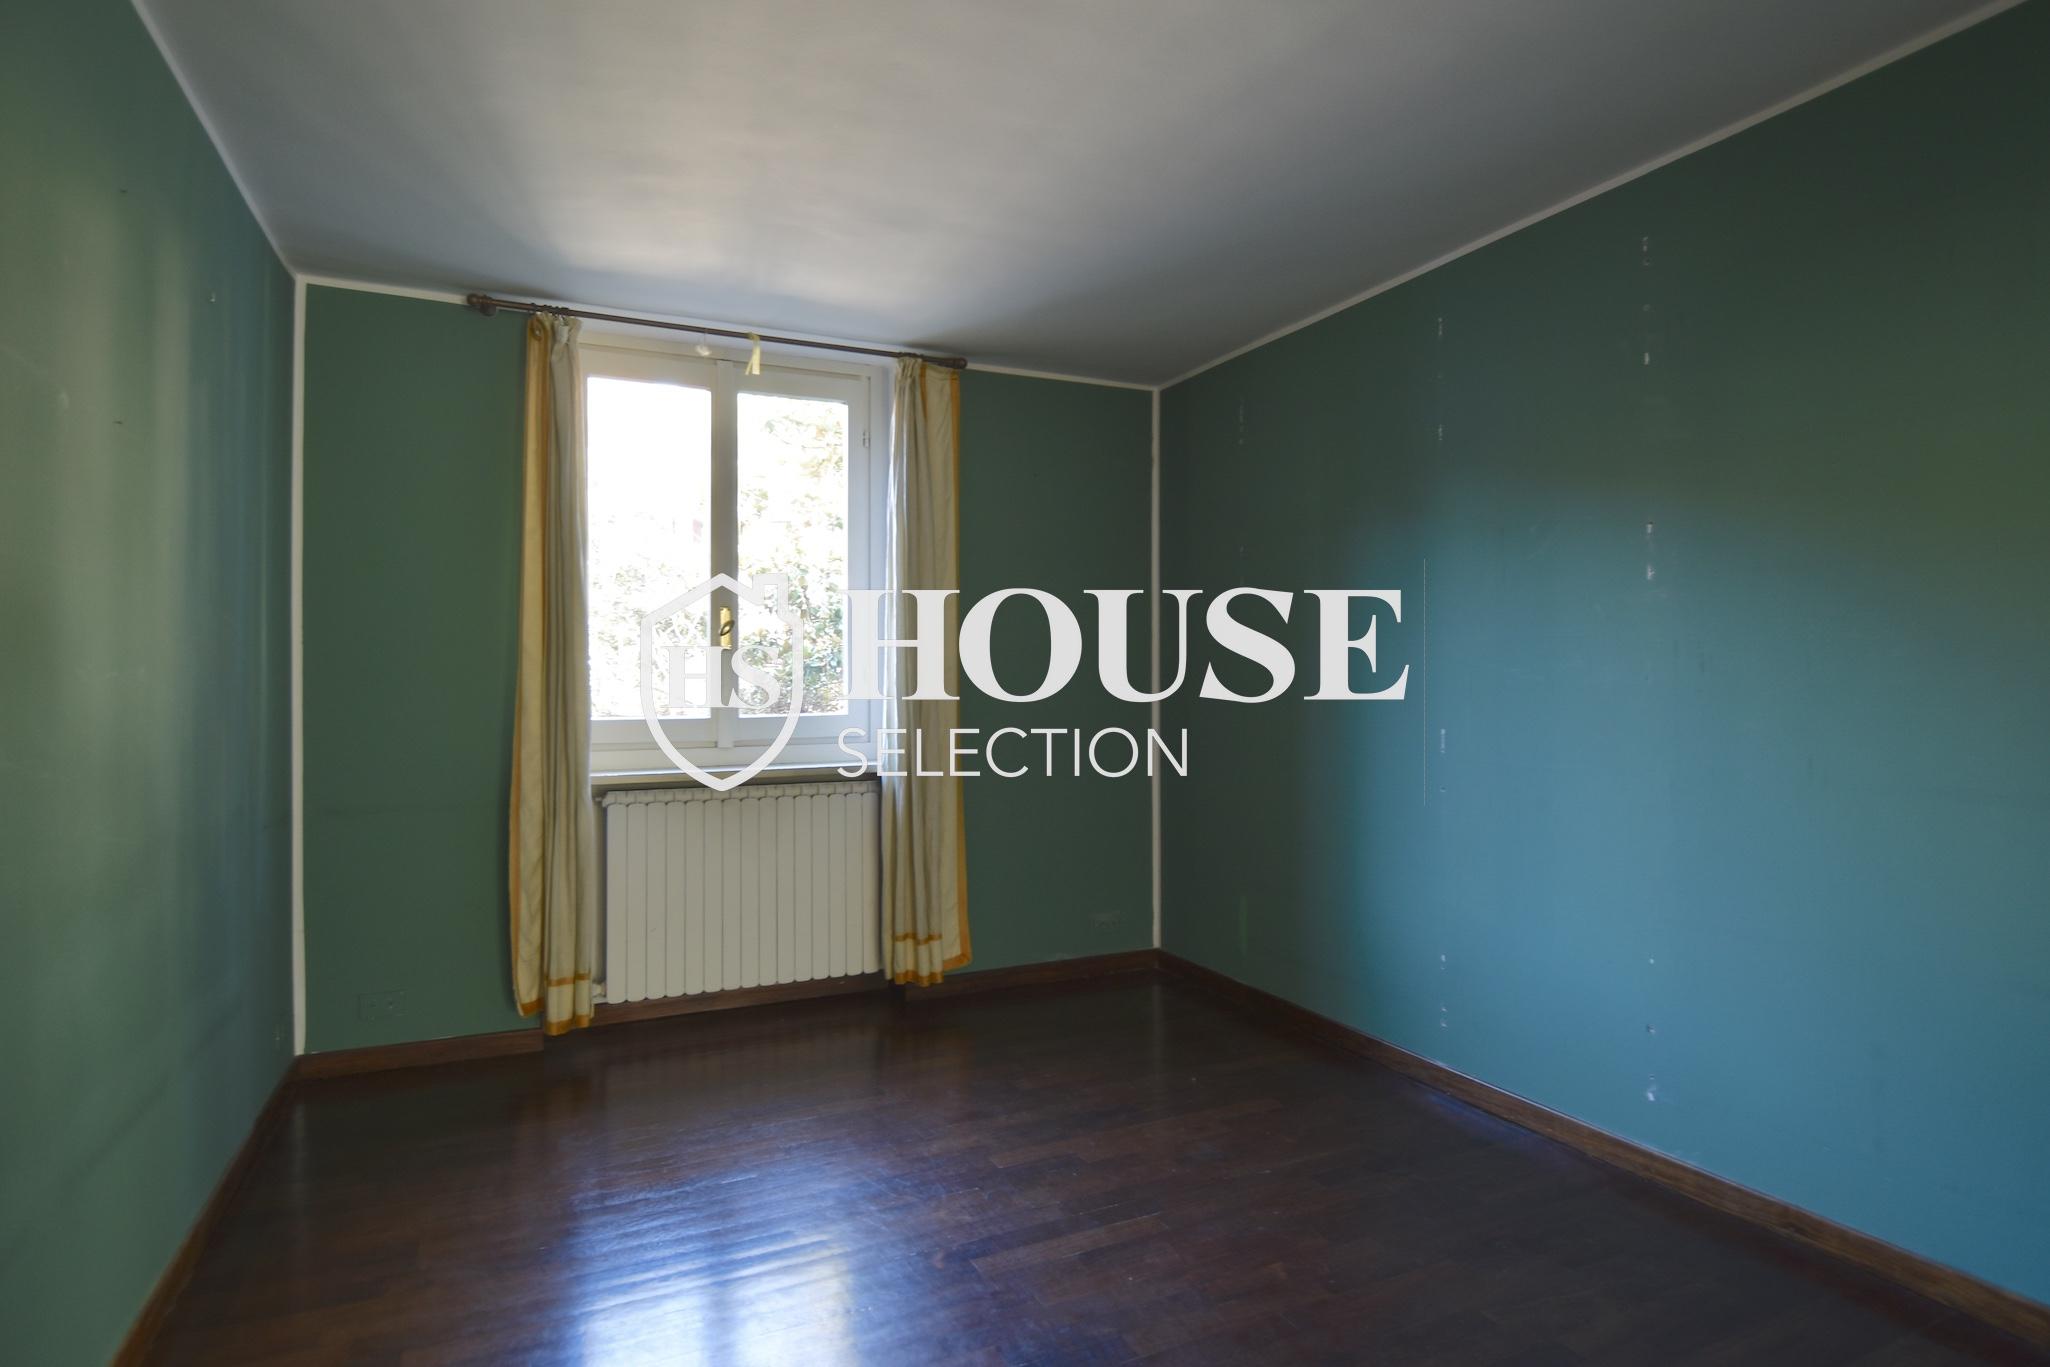 Affitto attico trilocale con terrazzino, via Archimede, tranquillo e luminoso, Milano 9